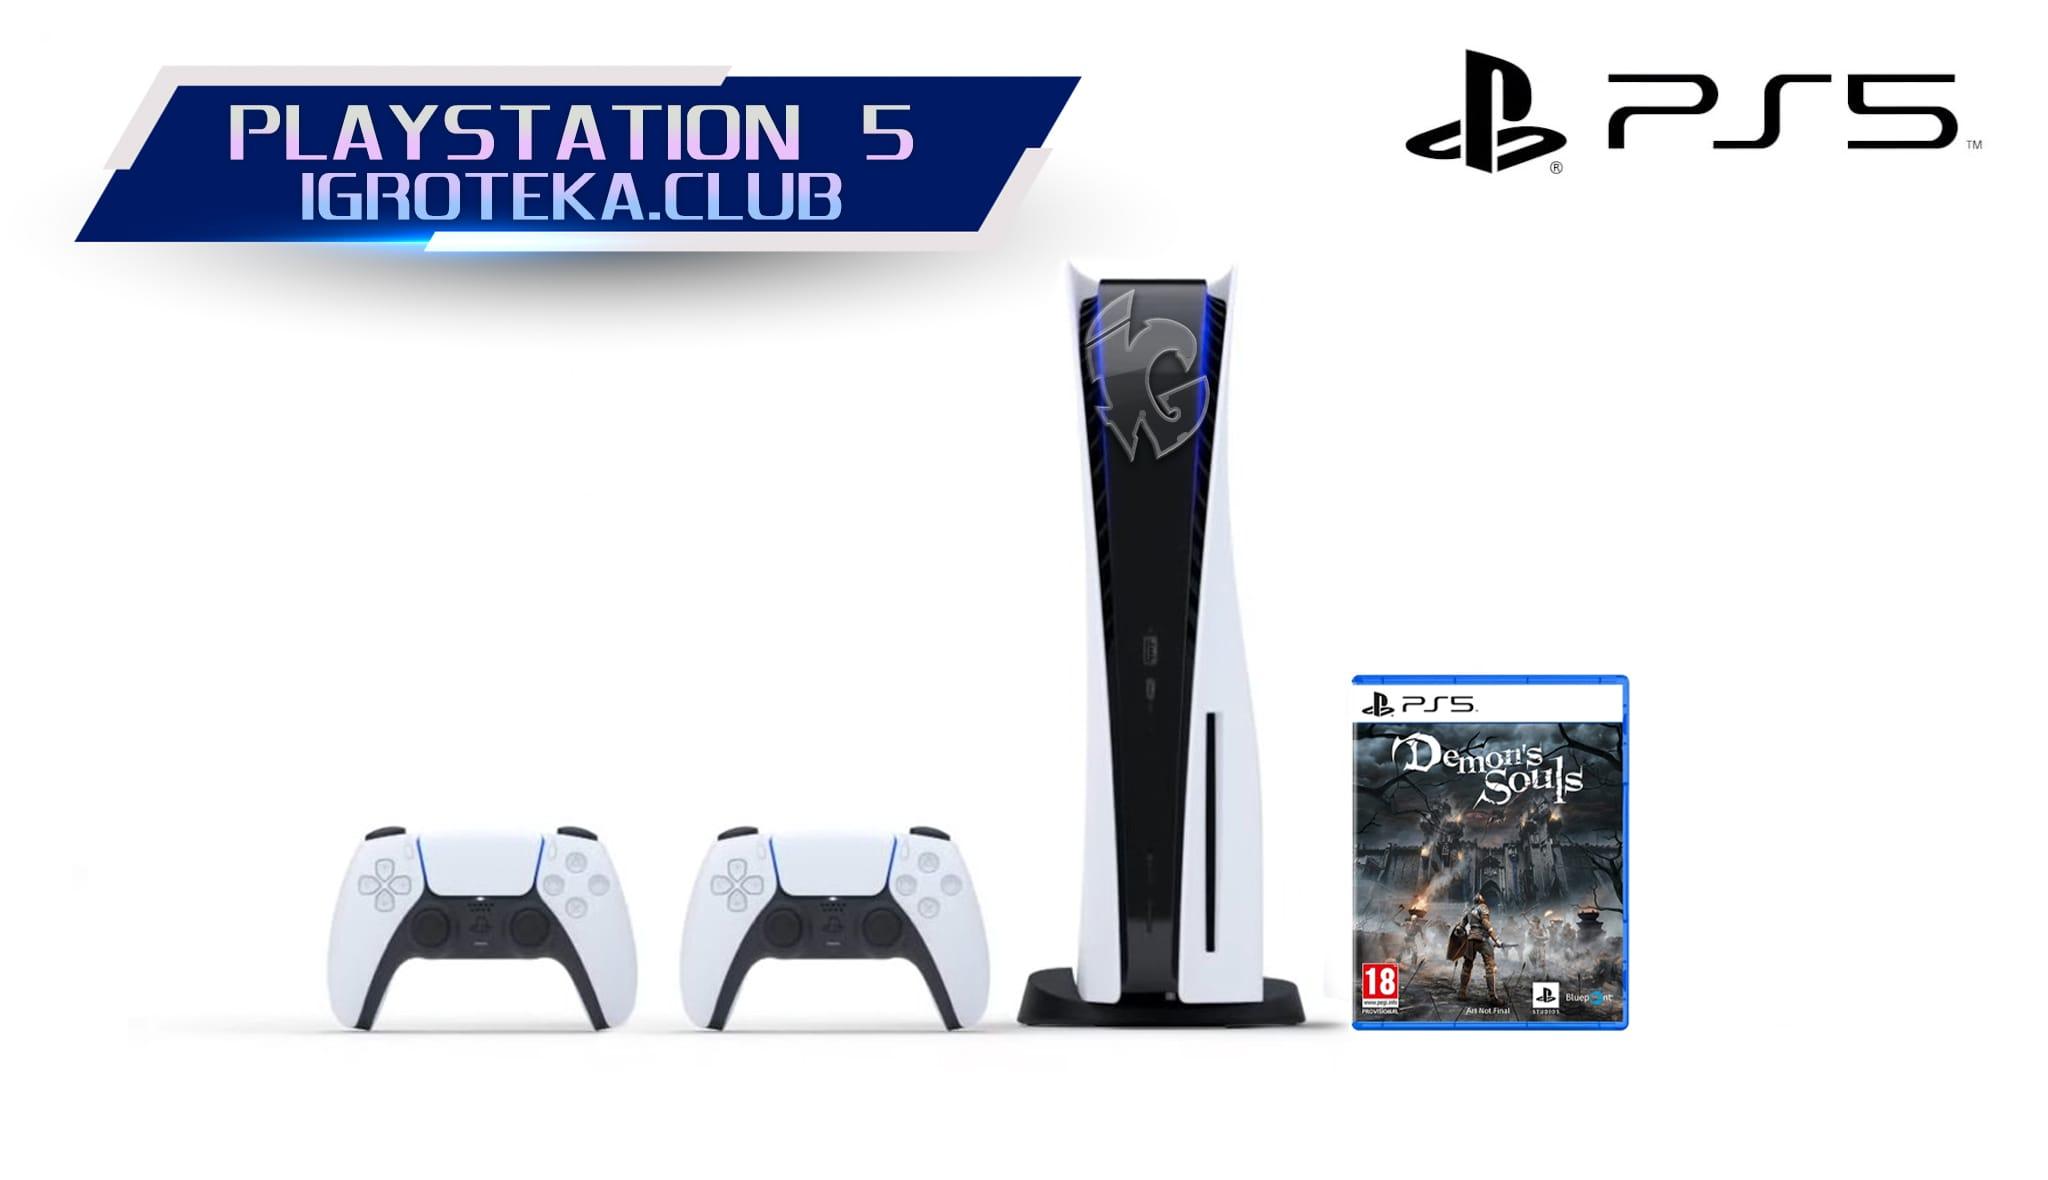 Бандл Playstation 5 (консоль, контроллер, игра)